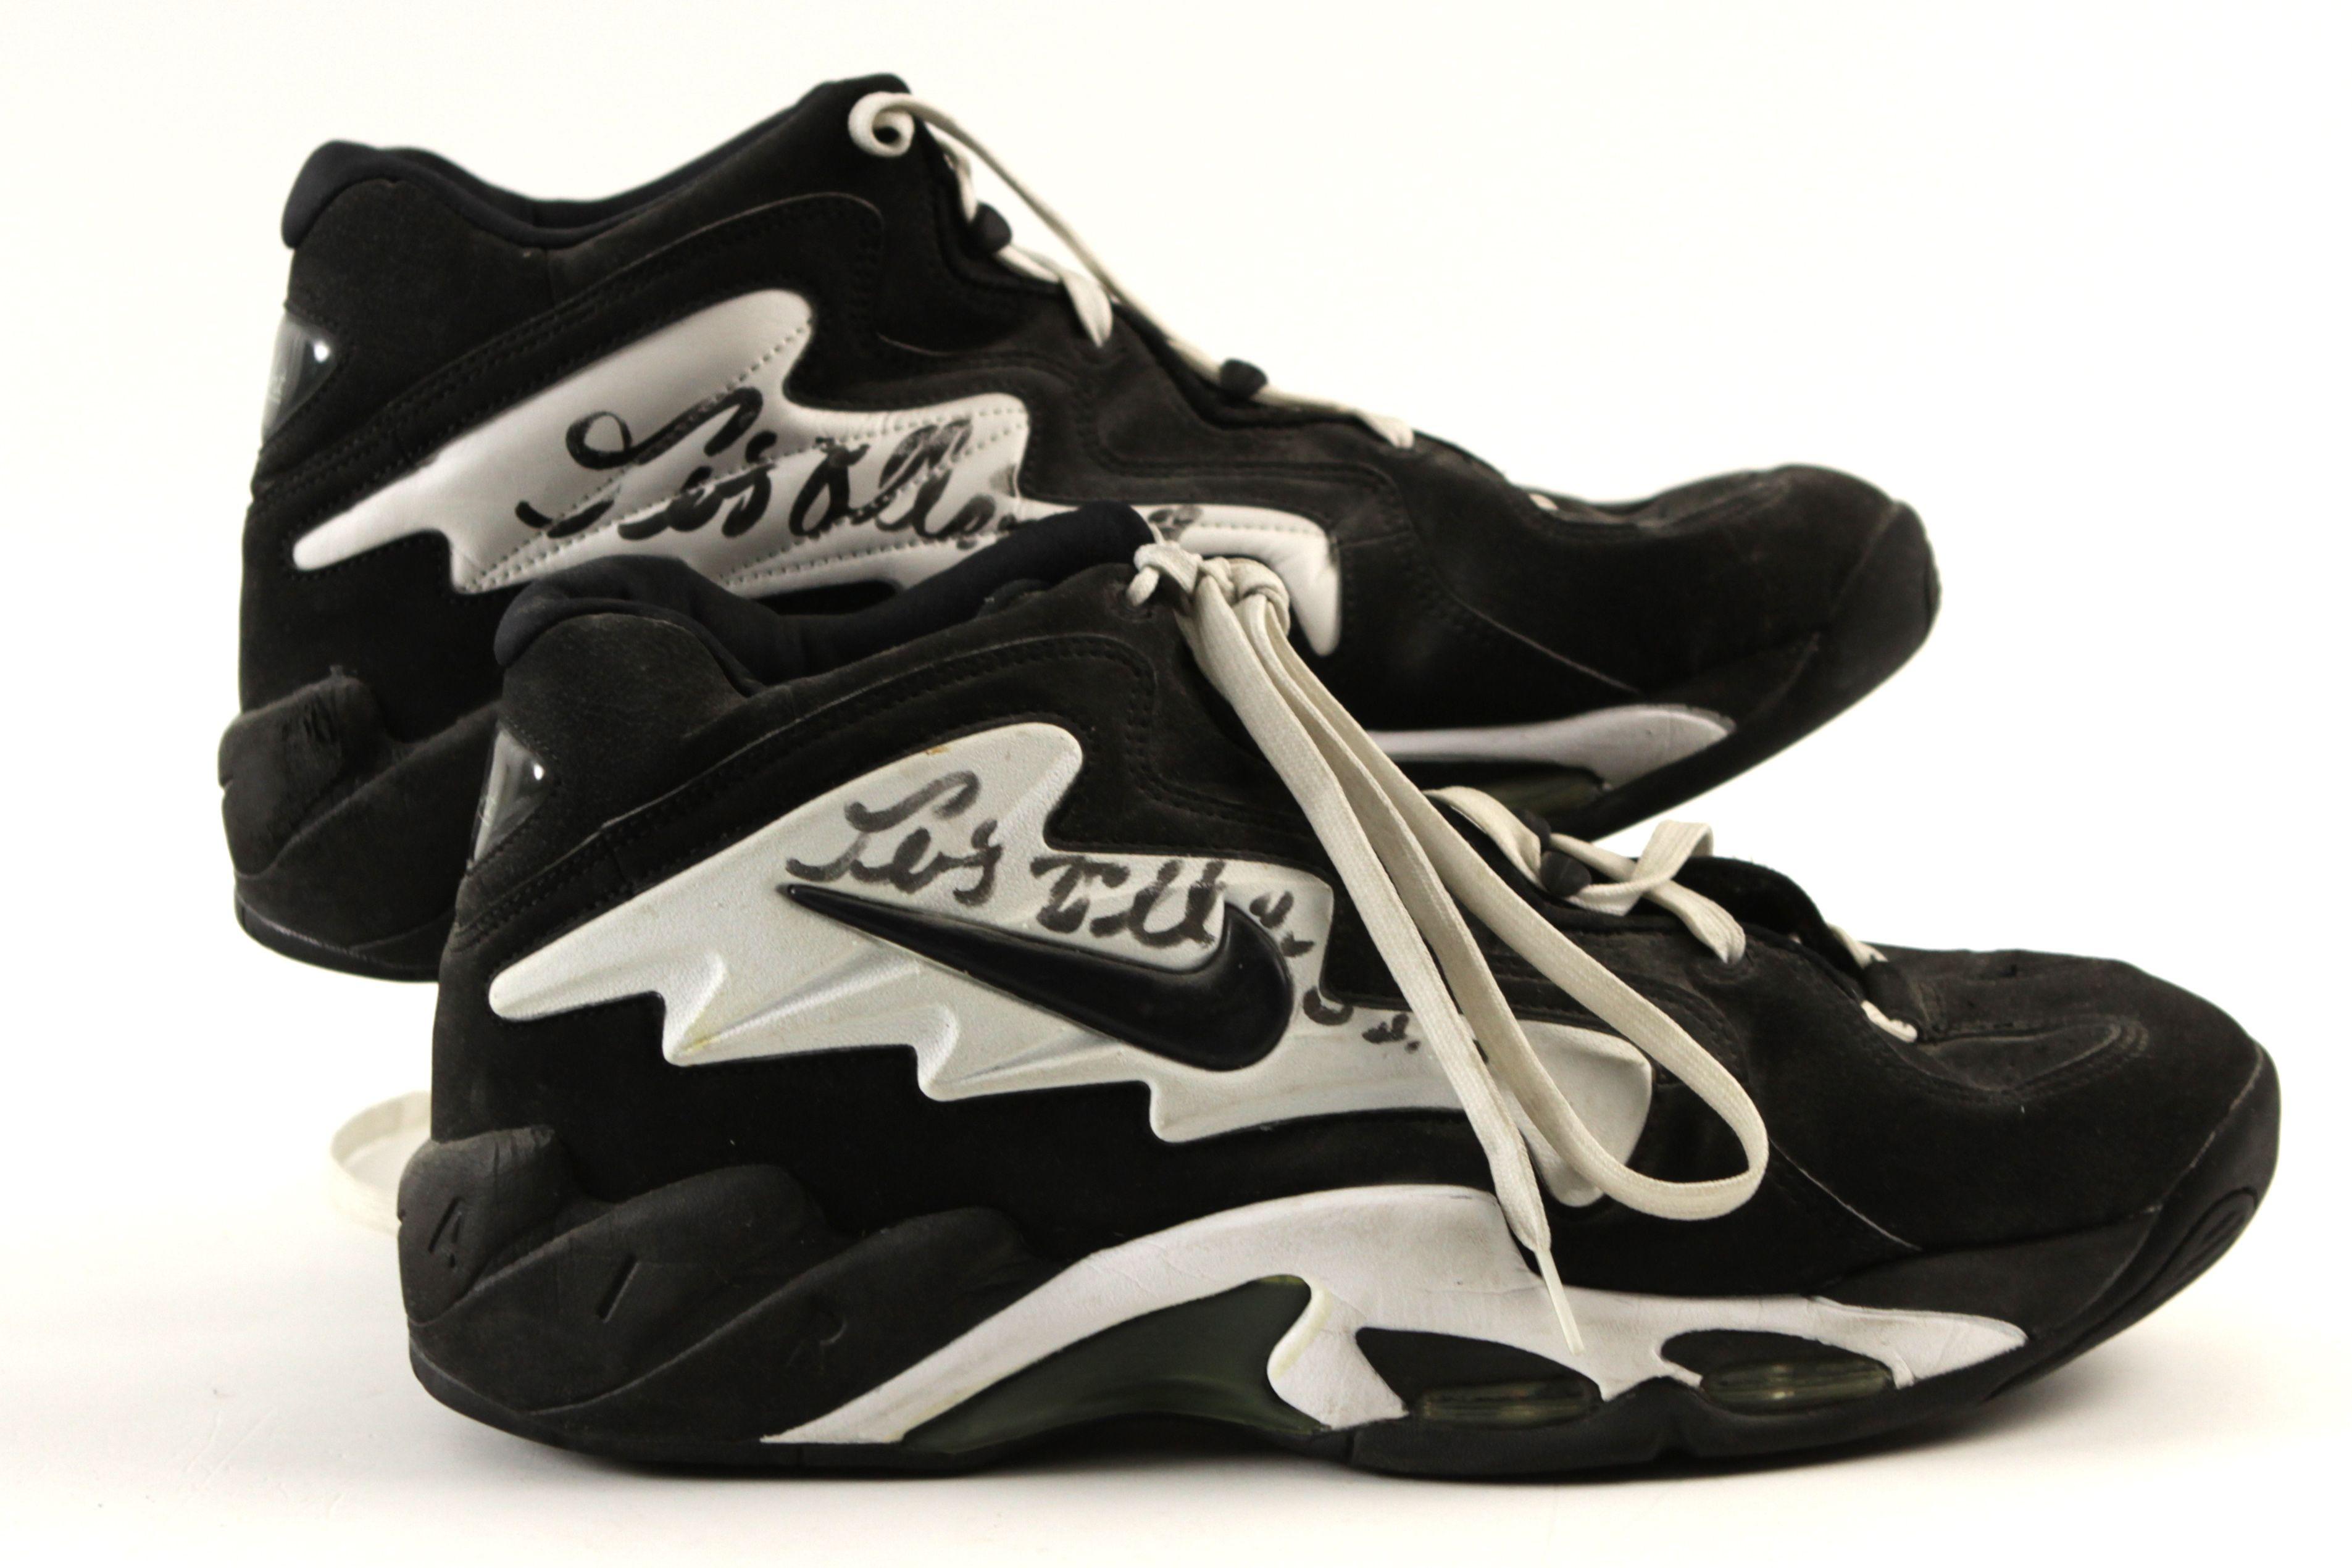 Celtics Shoes Prices